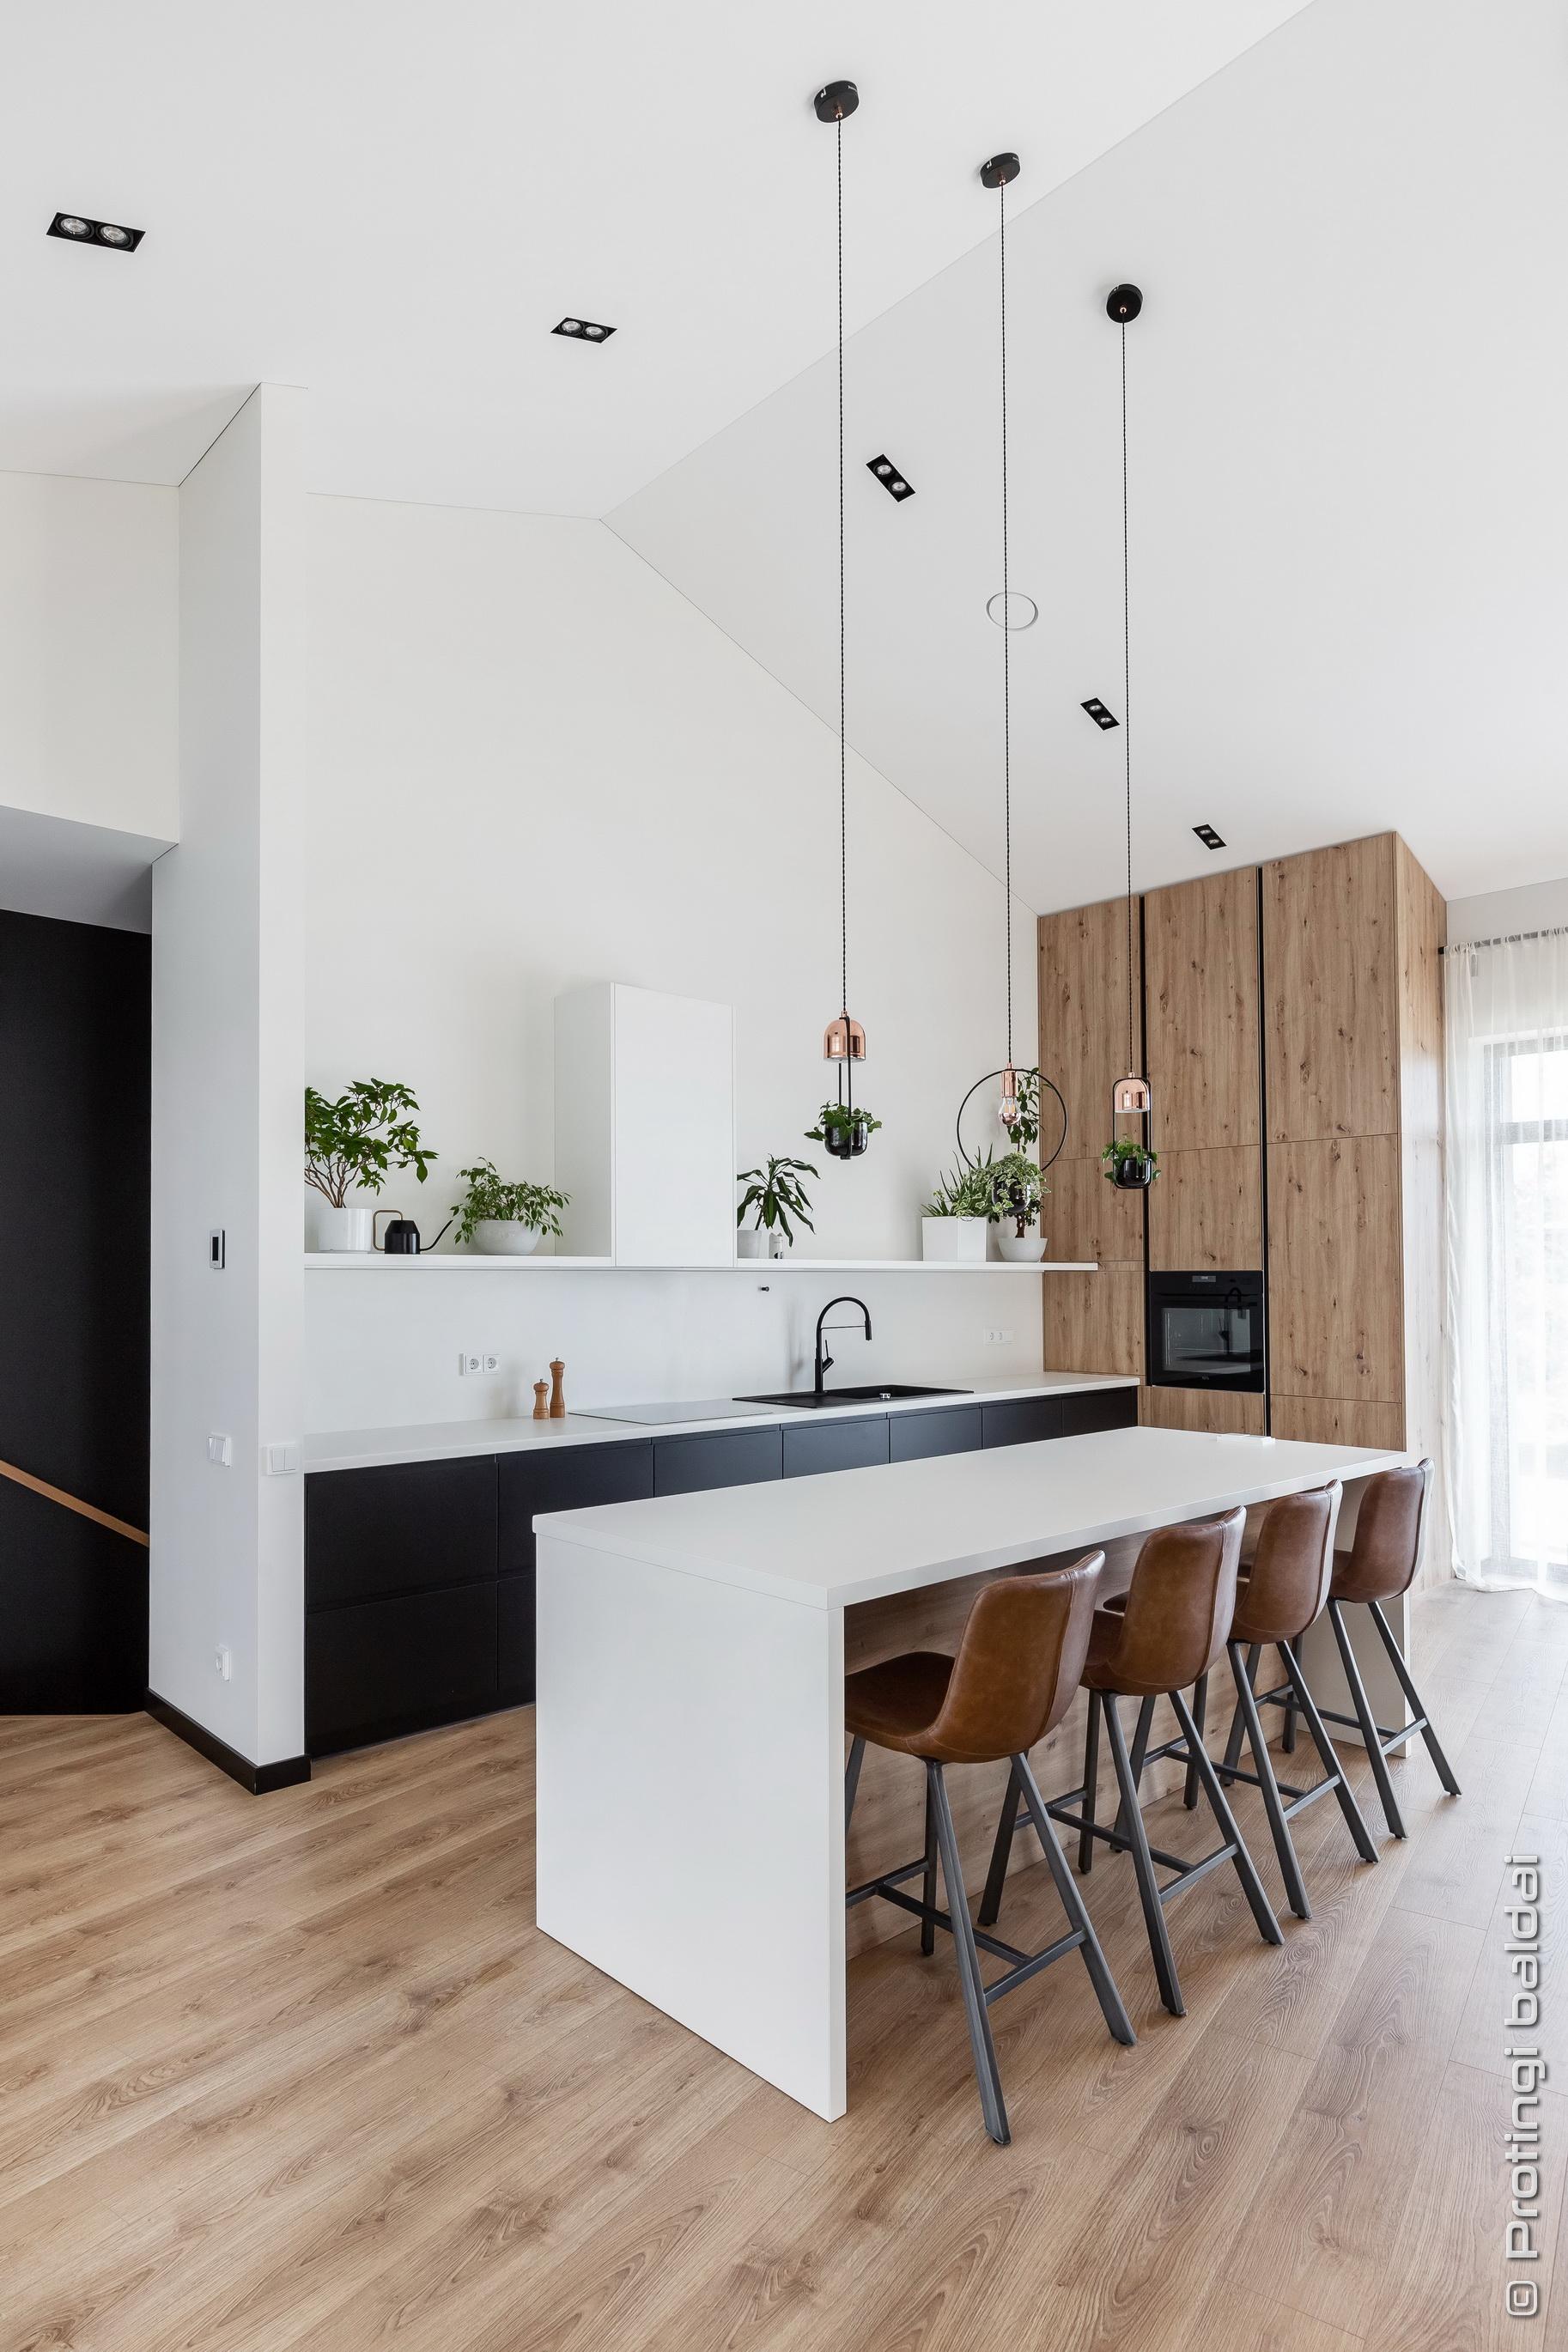 virtuve-vonia-PB35_12